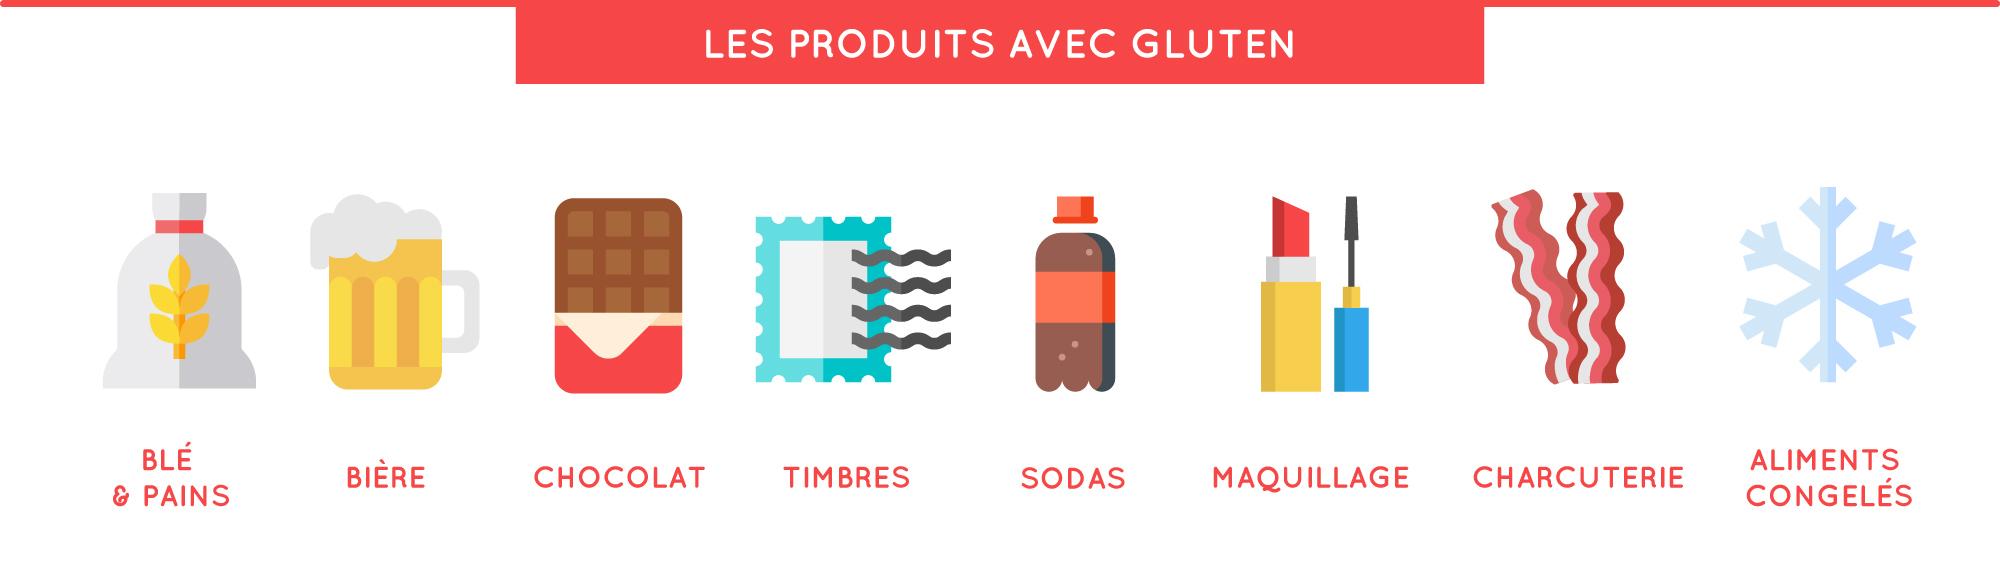 5 idées reçues sur le gluten - un dossier pour faire le point © Crédit photo et illustration : Les Jeudis Culinaires (icon : flaticon.com)